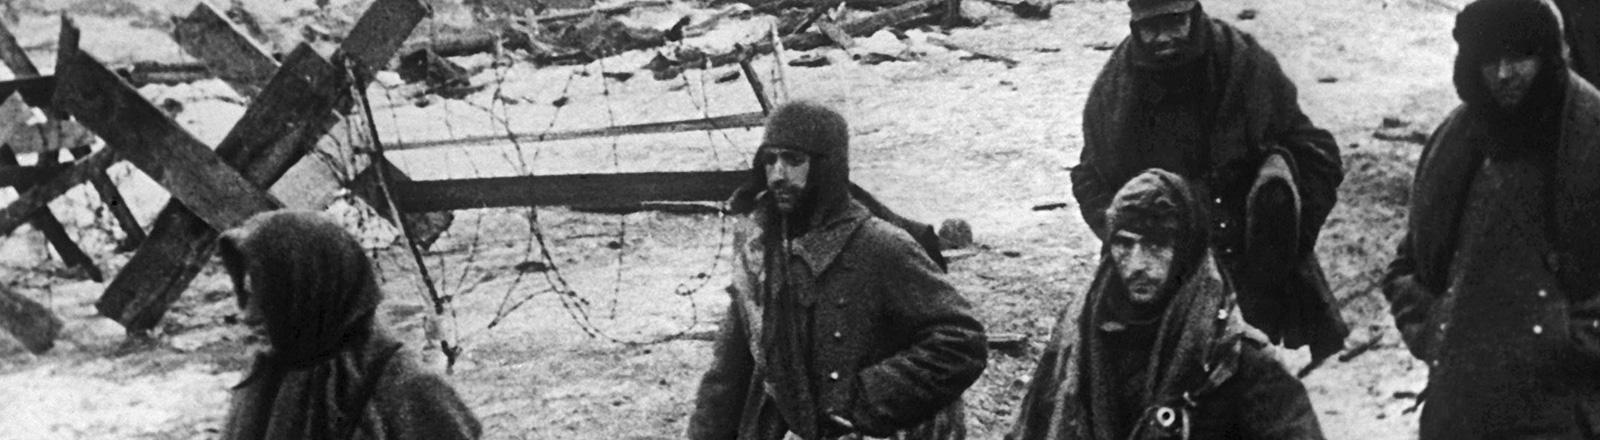 Schwarz-Weiß-Foto, deutsche Soldaten in Mänteln und mit Mützen verlassen nach der Kapitulation Stalingrad (undatiert); Bild: dpa